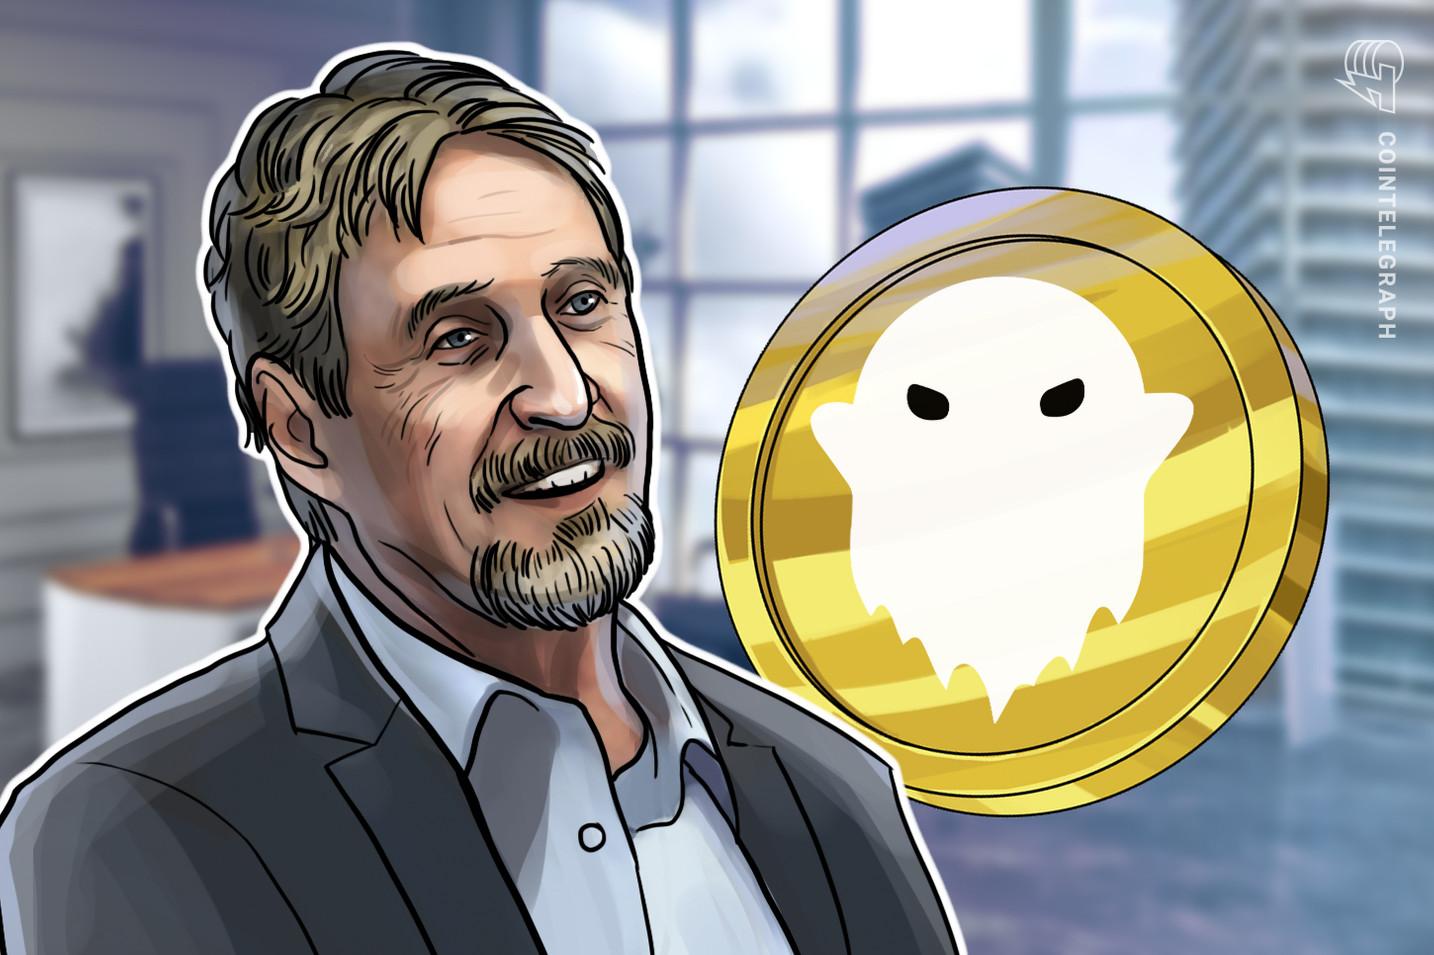 Oltre 60 distributori di Hong Kong supporteranno la criptovaluta Ghost di McAfee